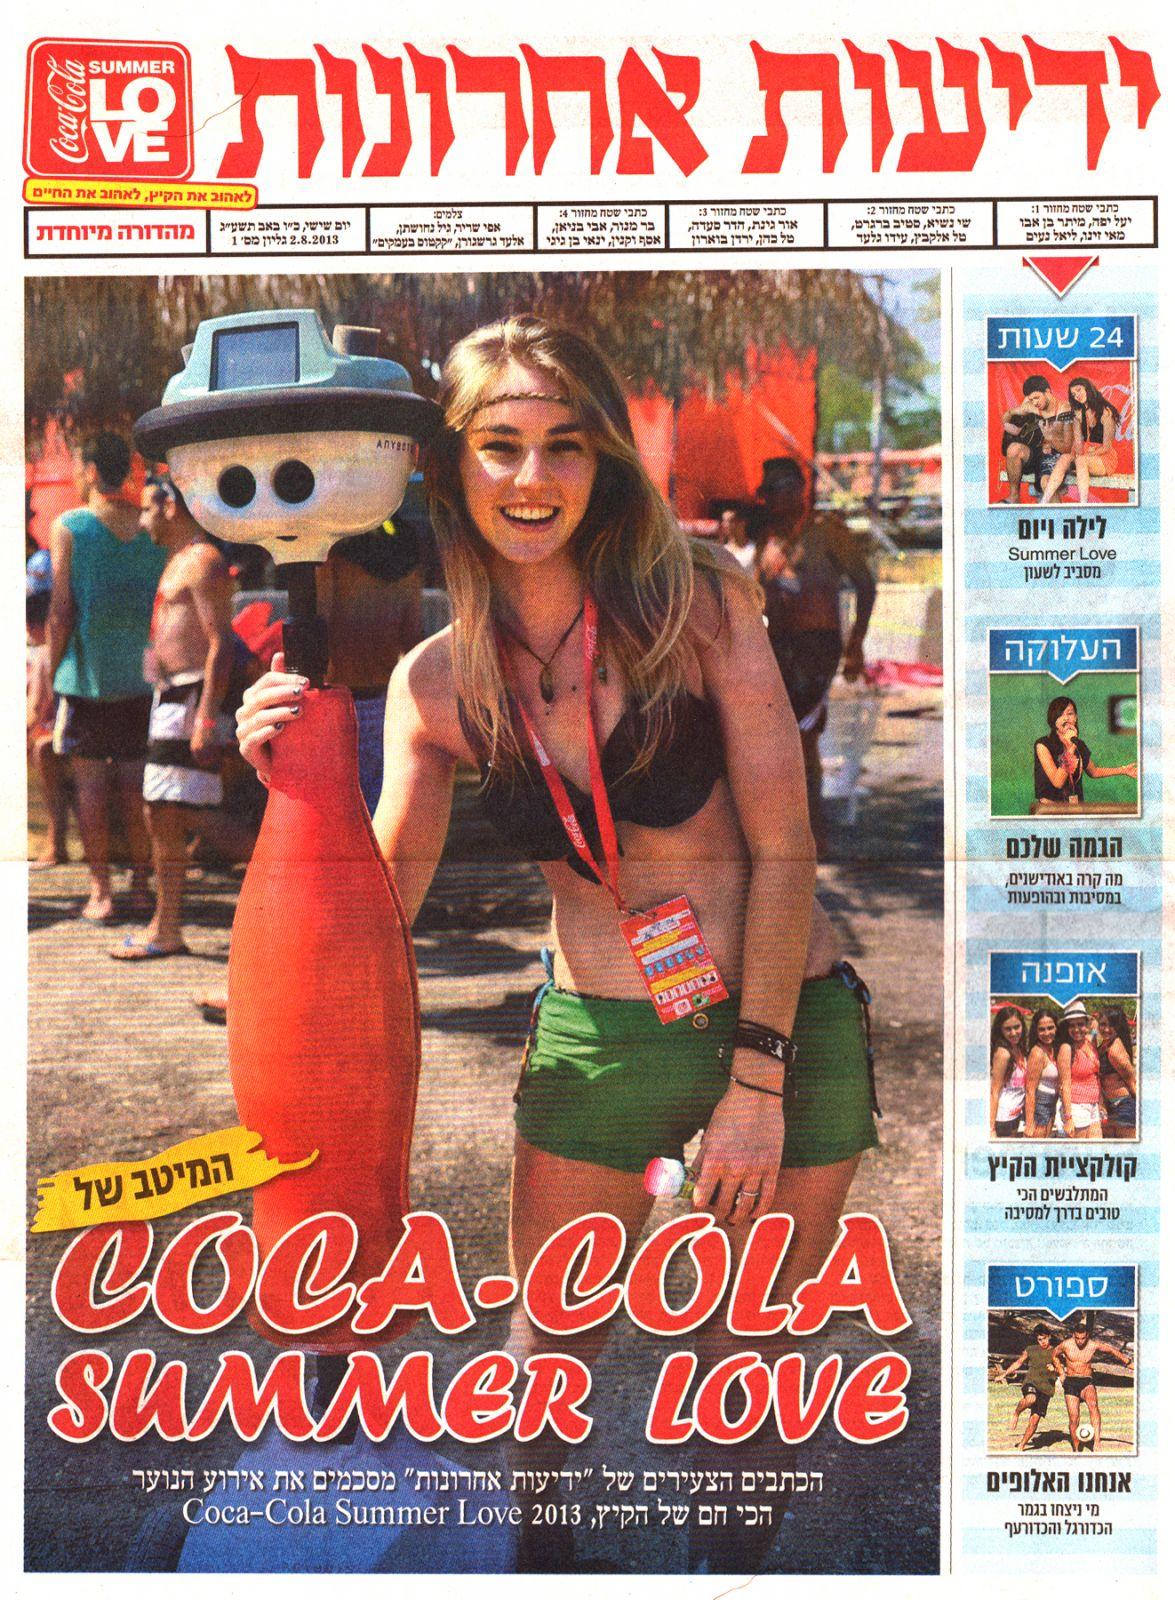 """שער המוסף """"Coca Cola Summer Love"""" של """"ידיעות אחרונות"""", אוגוסט 2013"""